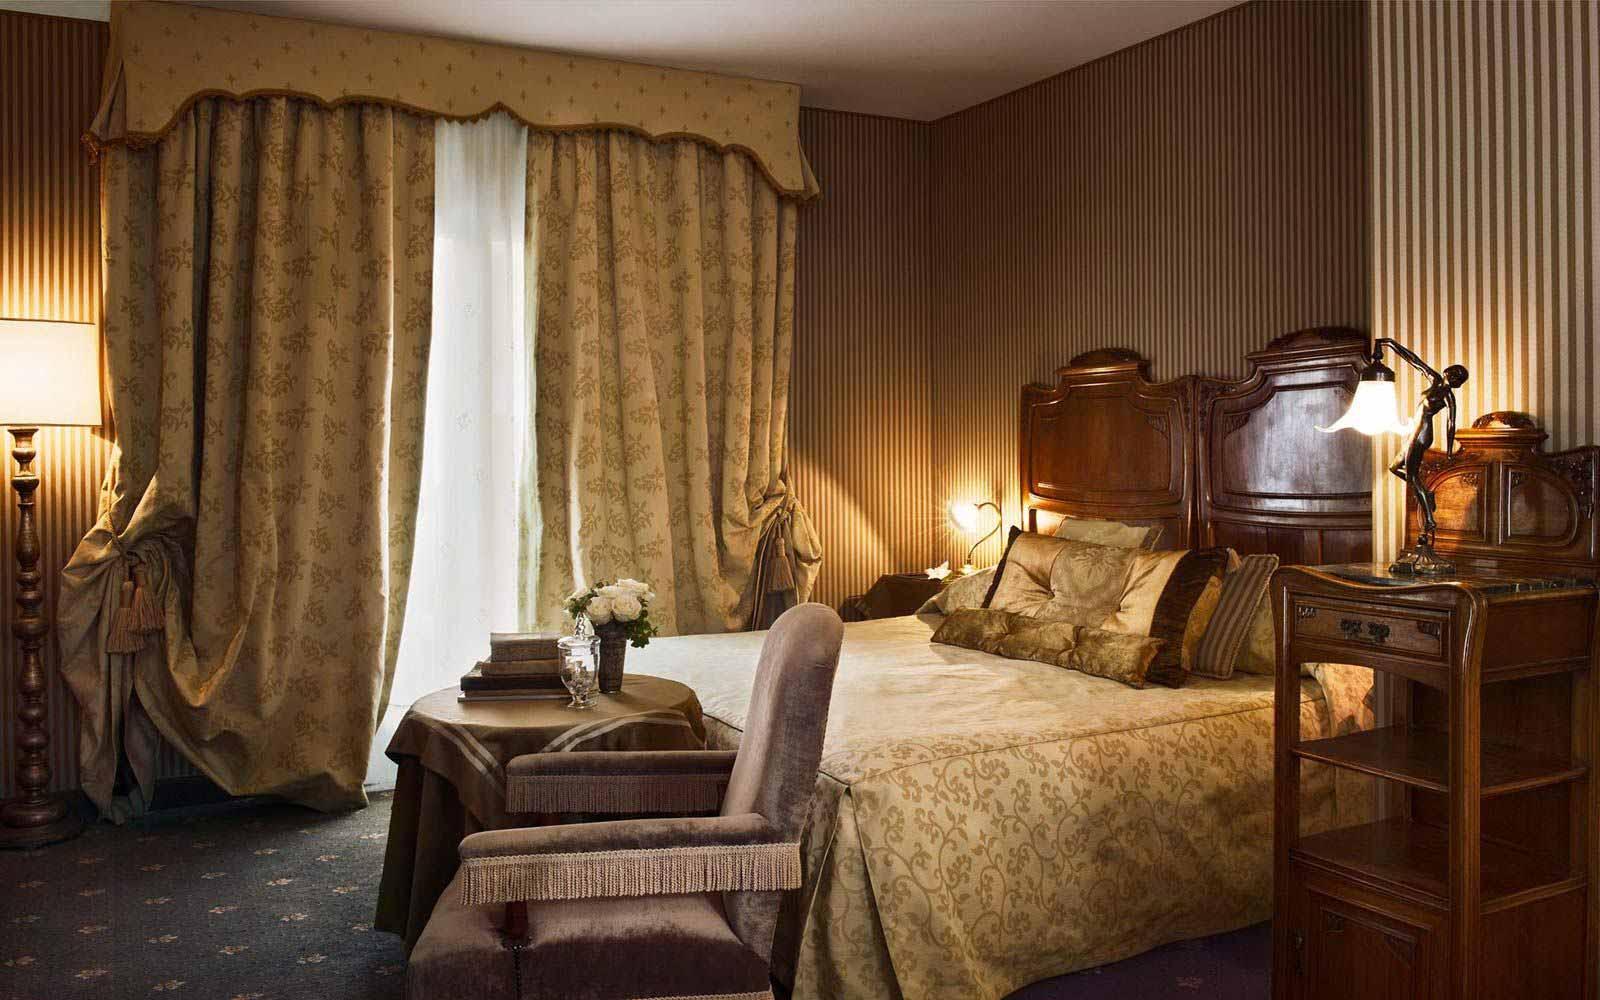 Junior suite at Hotel Metropole